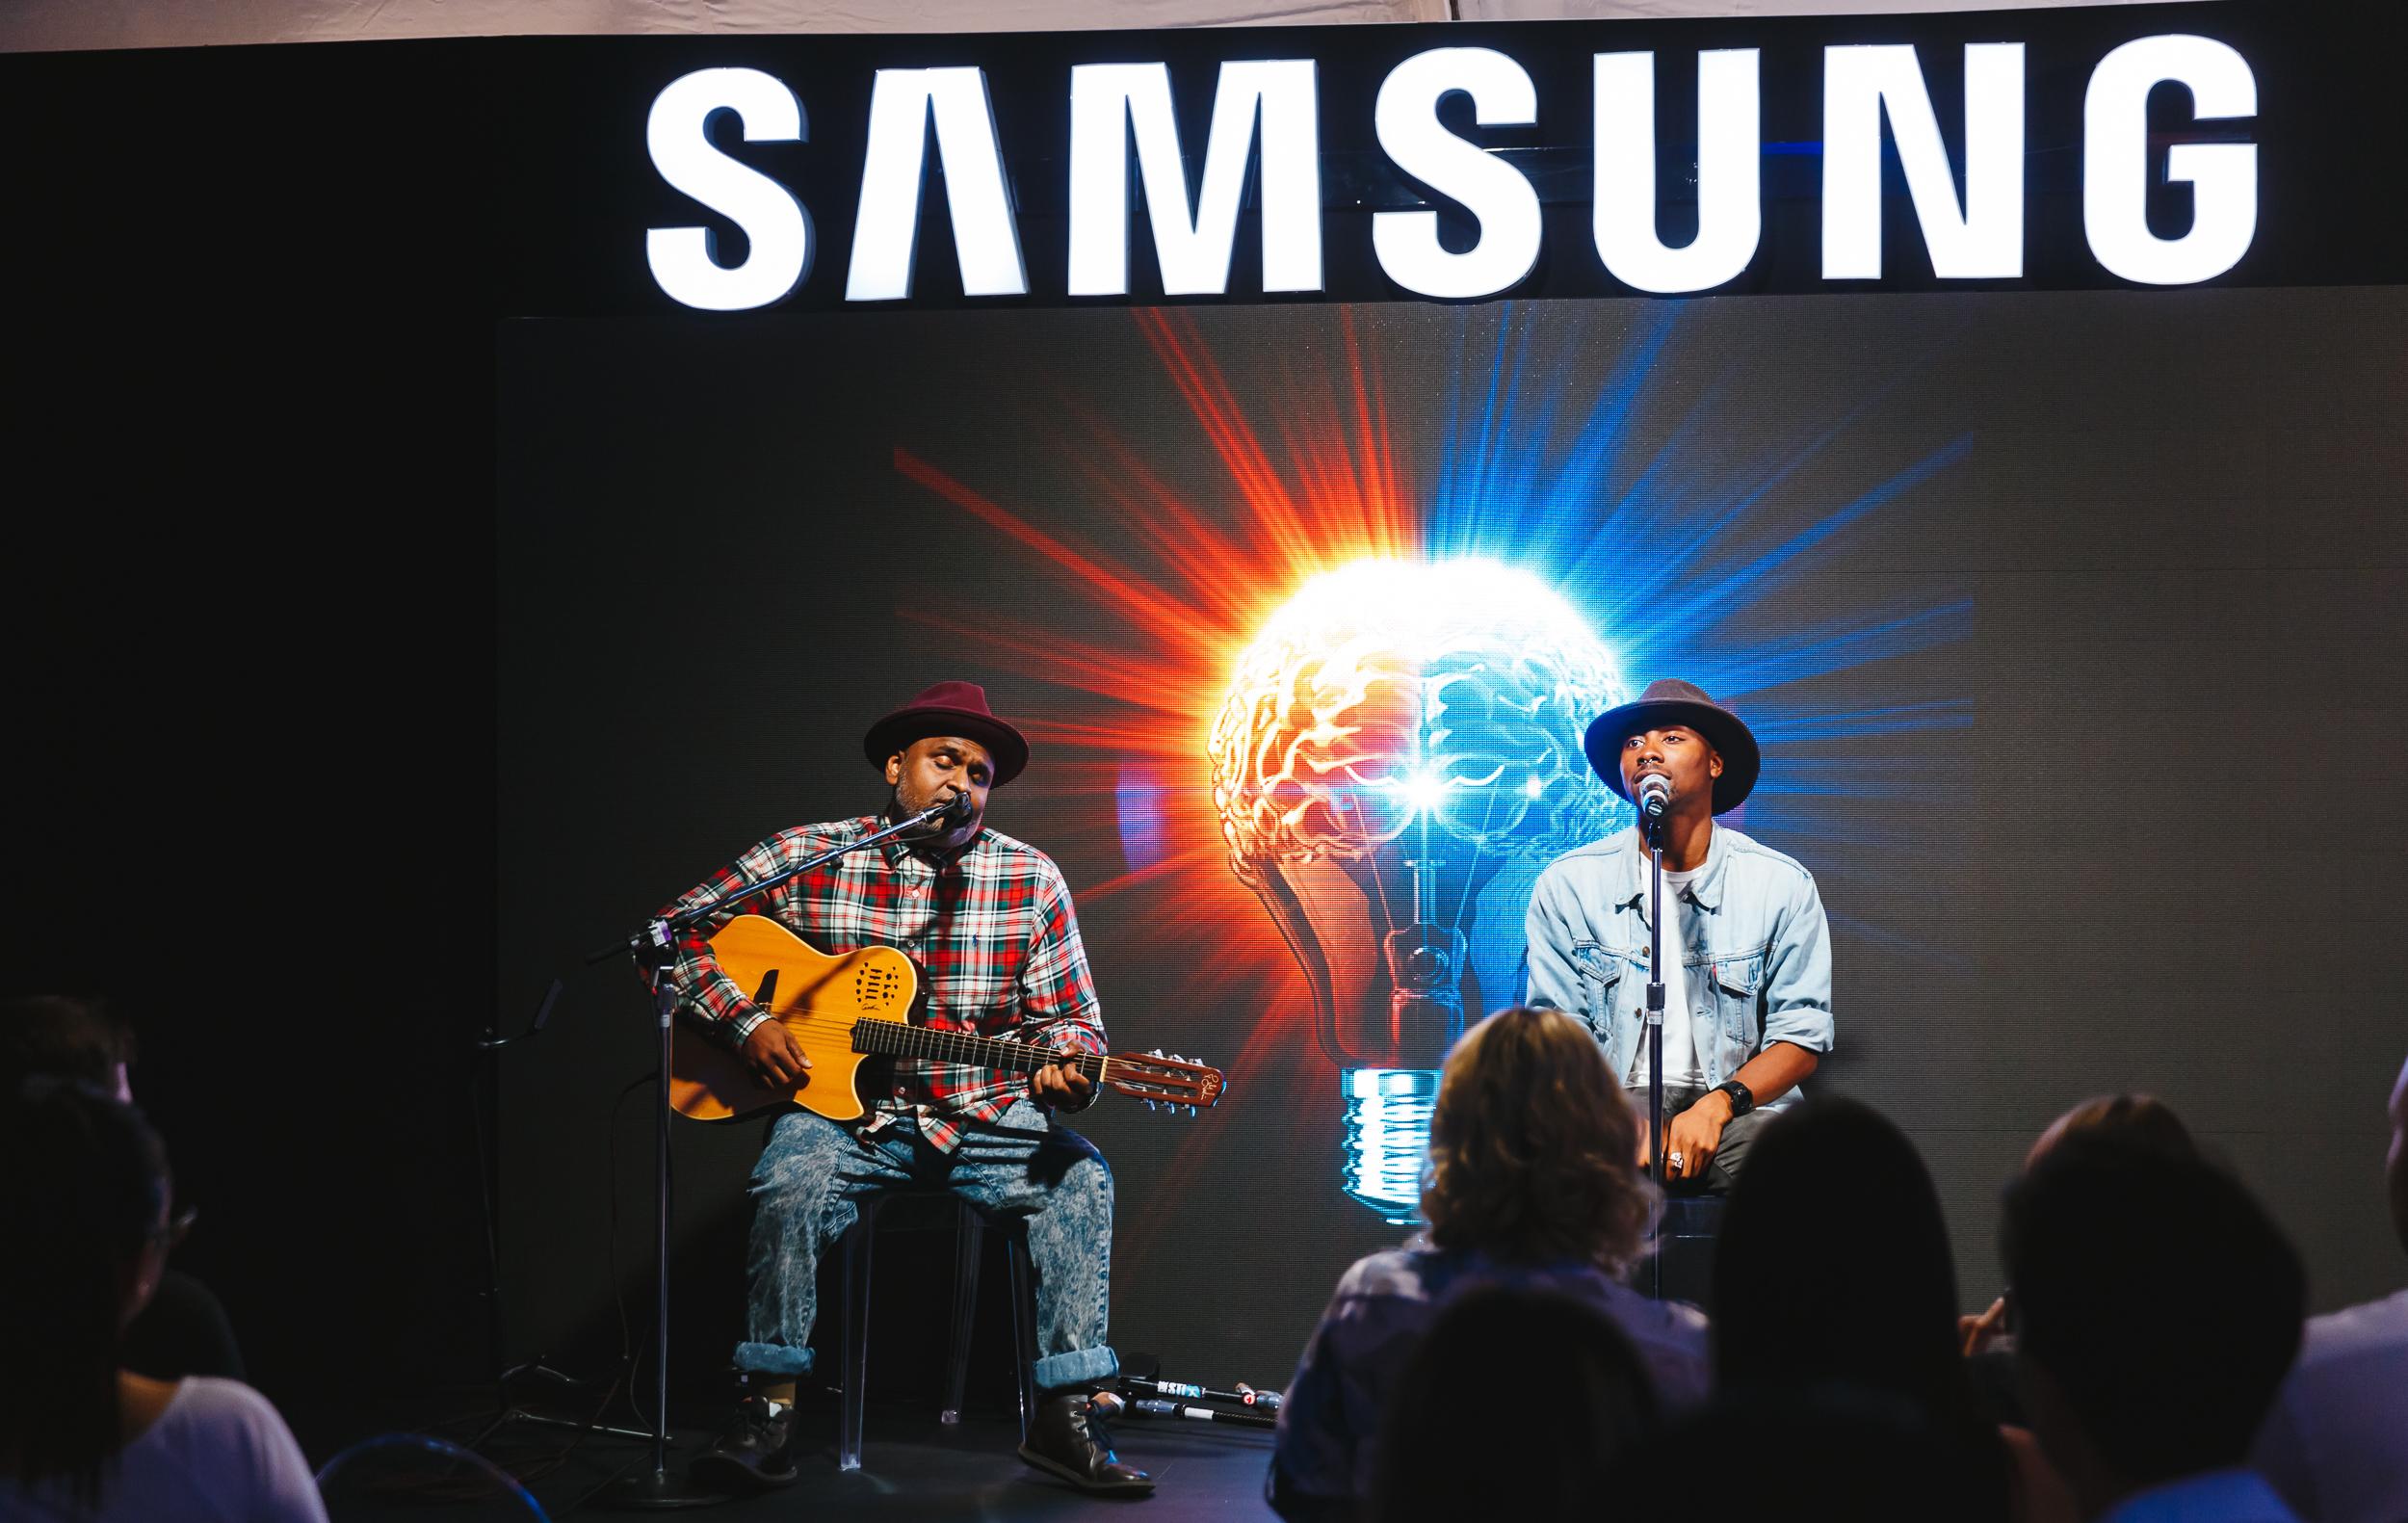 Samsung-Galaxy-Life-photo7.jpg